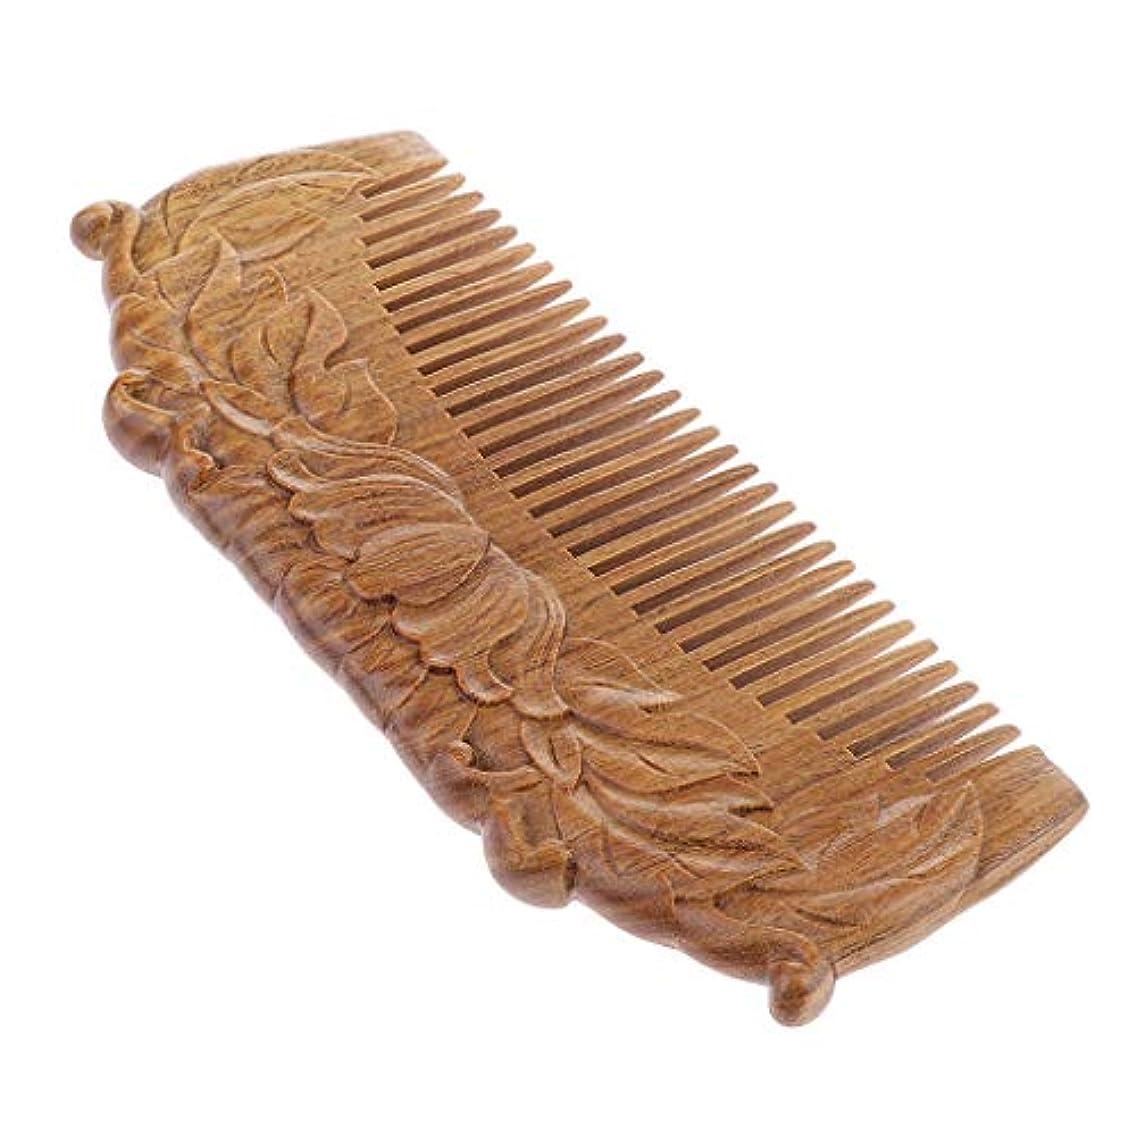 分部リボンウッドコーム 木製櫛 高品質 手作り 天然木 帯電防止櫛 頭皮マッサージ ヘアブラシ